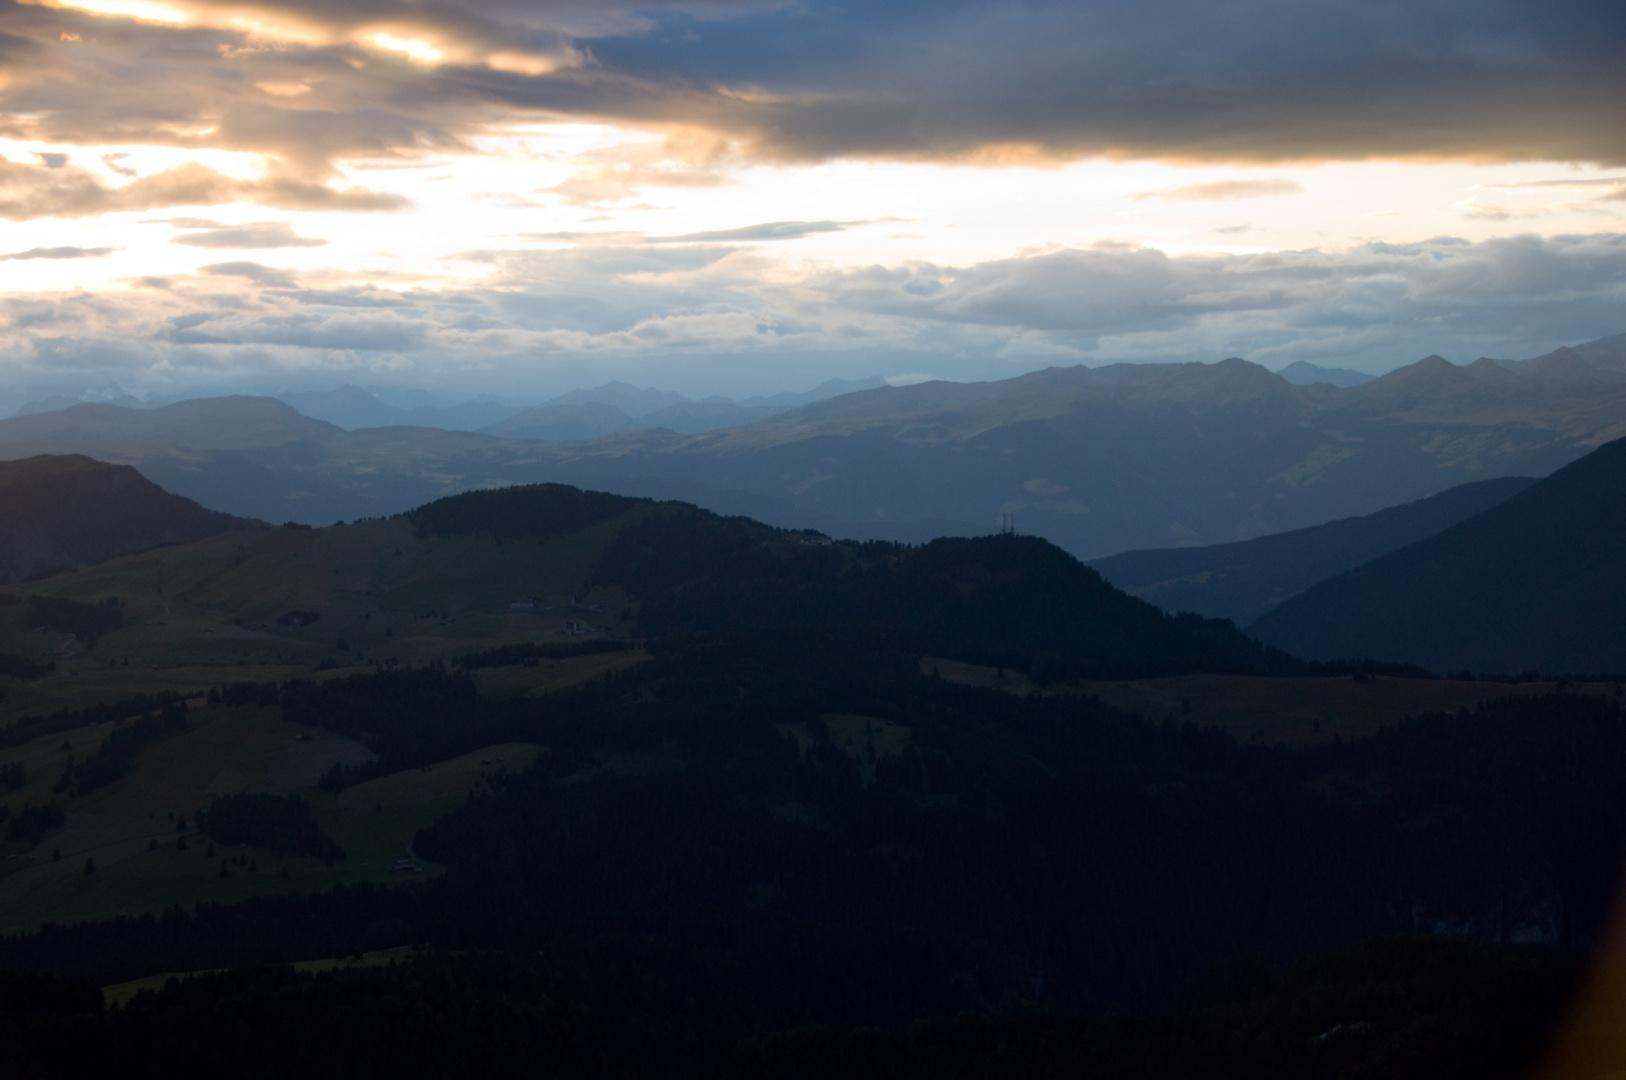 Sonnenuntergang an der Langkofelhütte